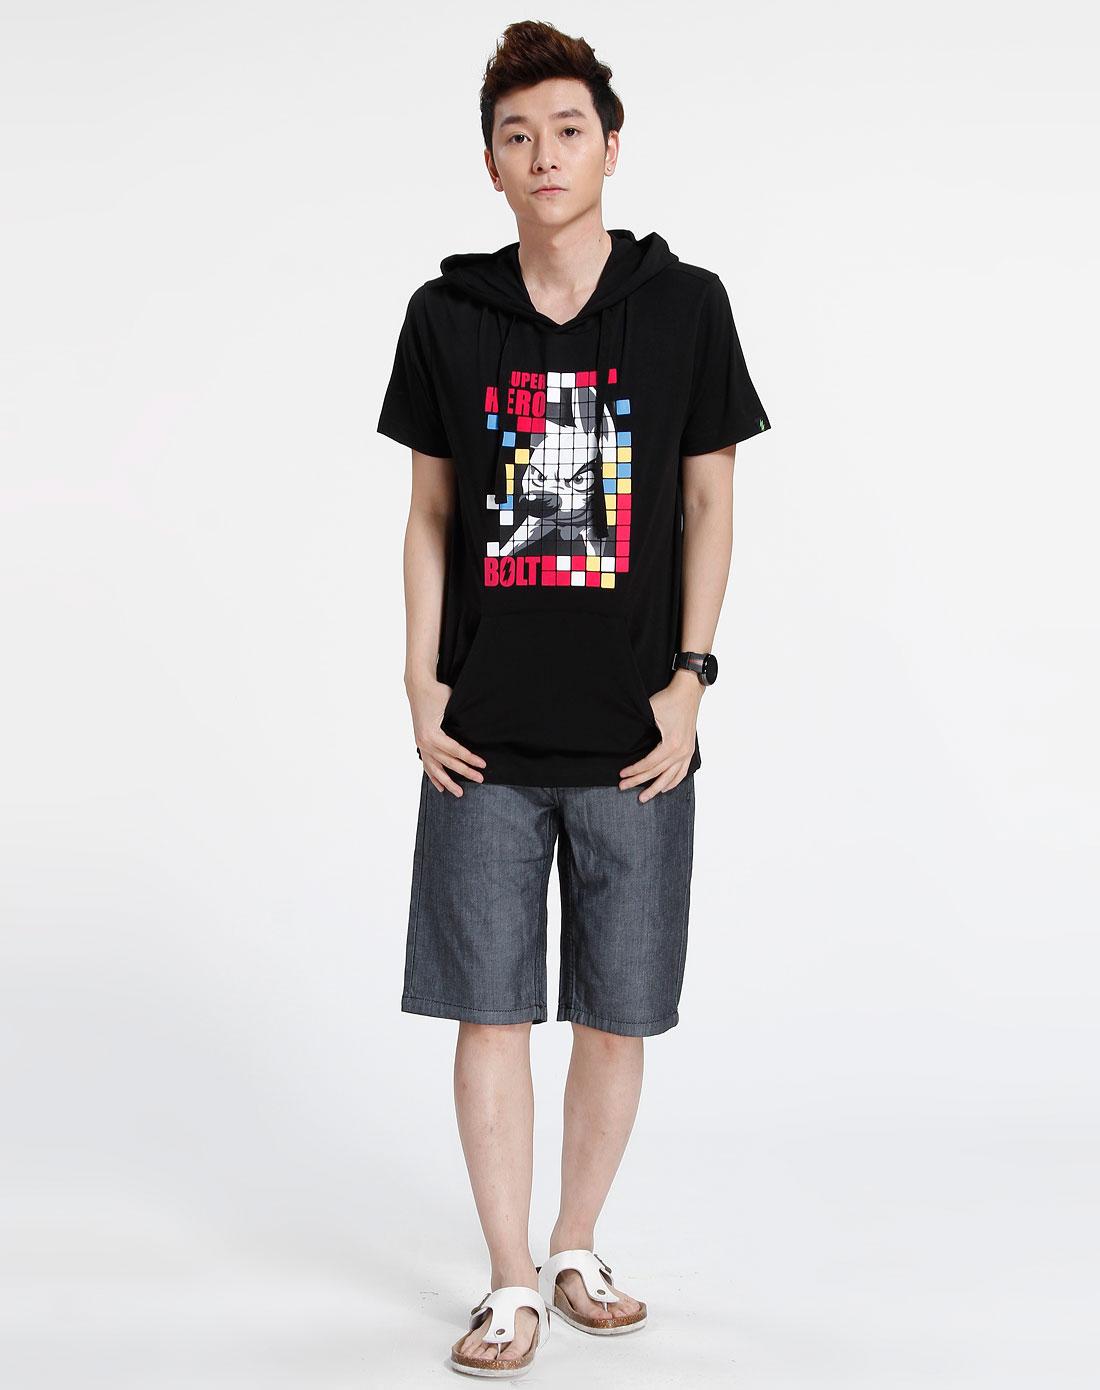 森马-男装黑色时尚连帽短袖t恤002151024-900图片